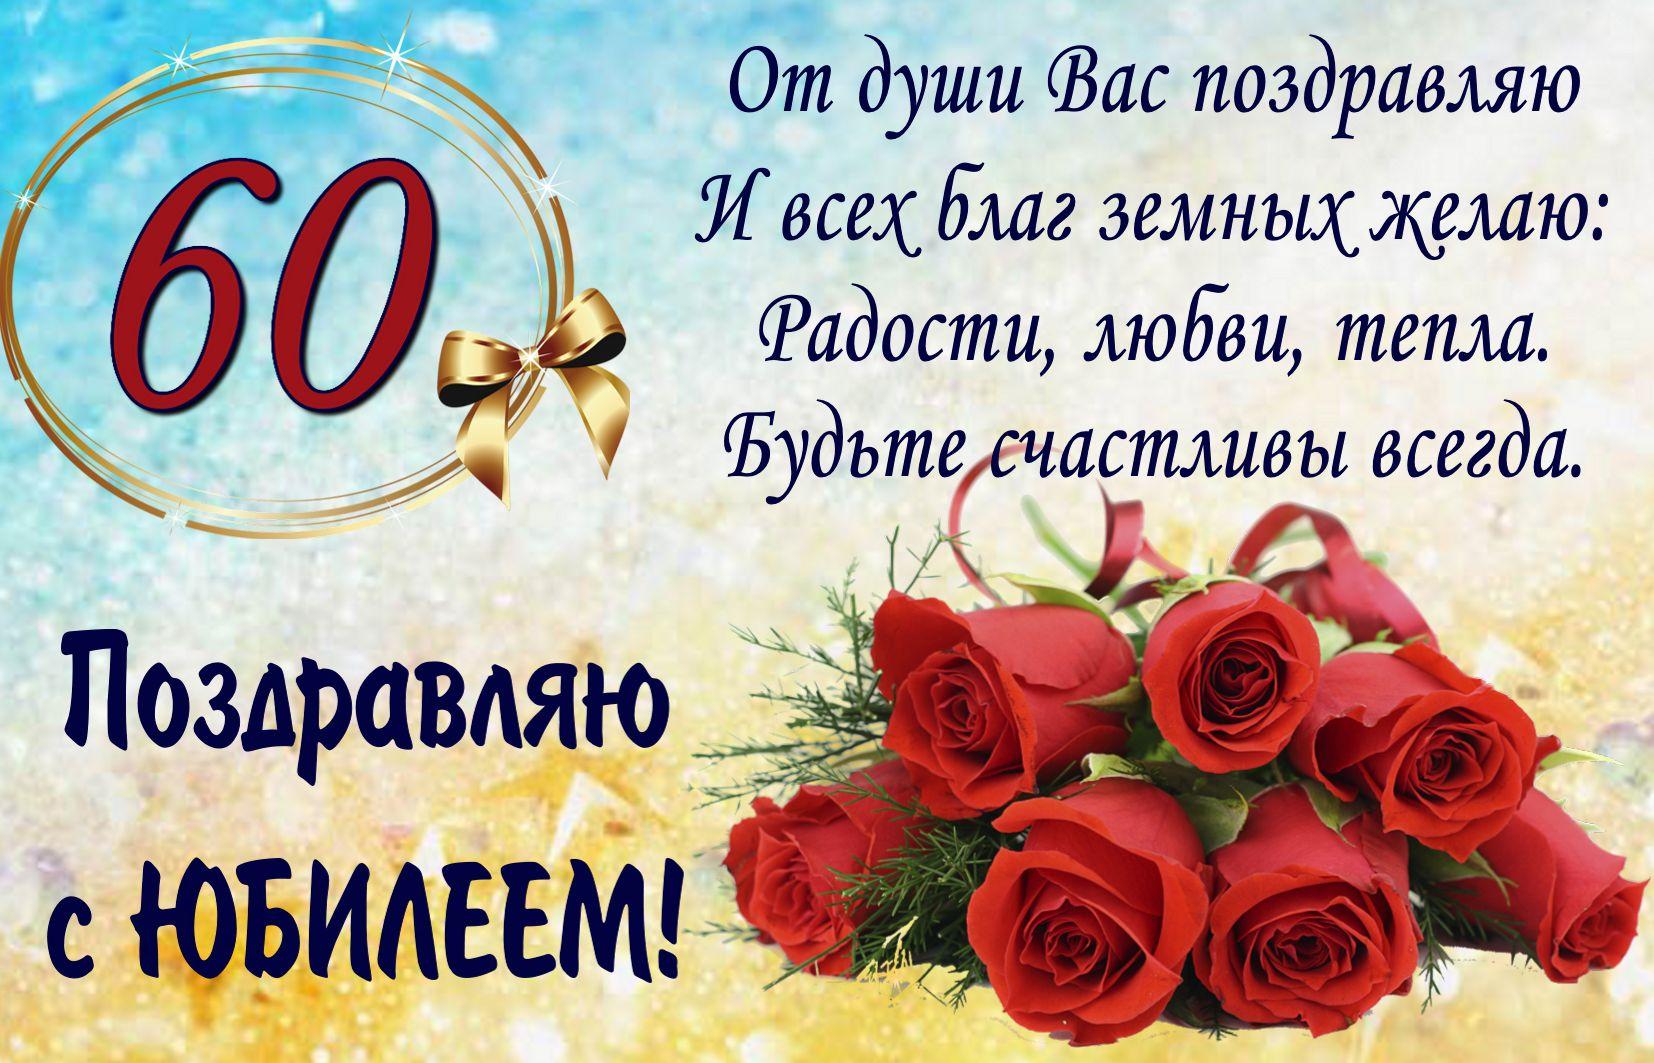 Поздравления с днем юбилеем на 60 женщине фото 74